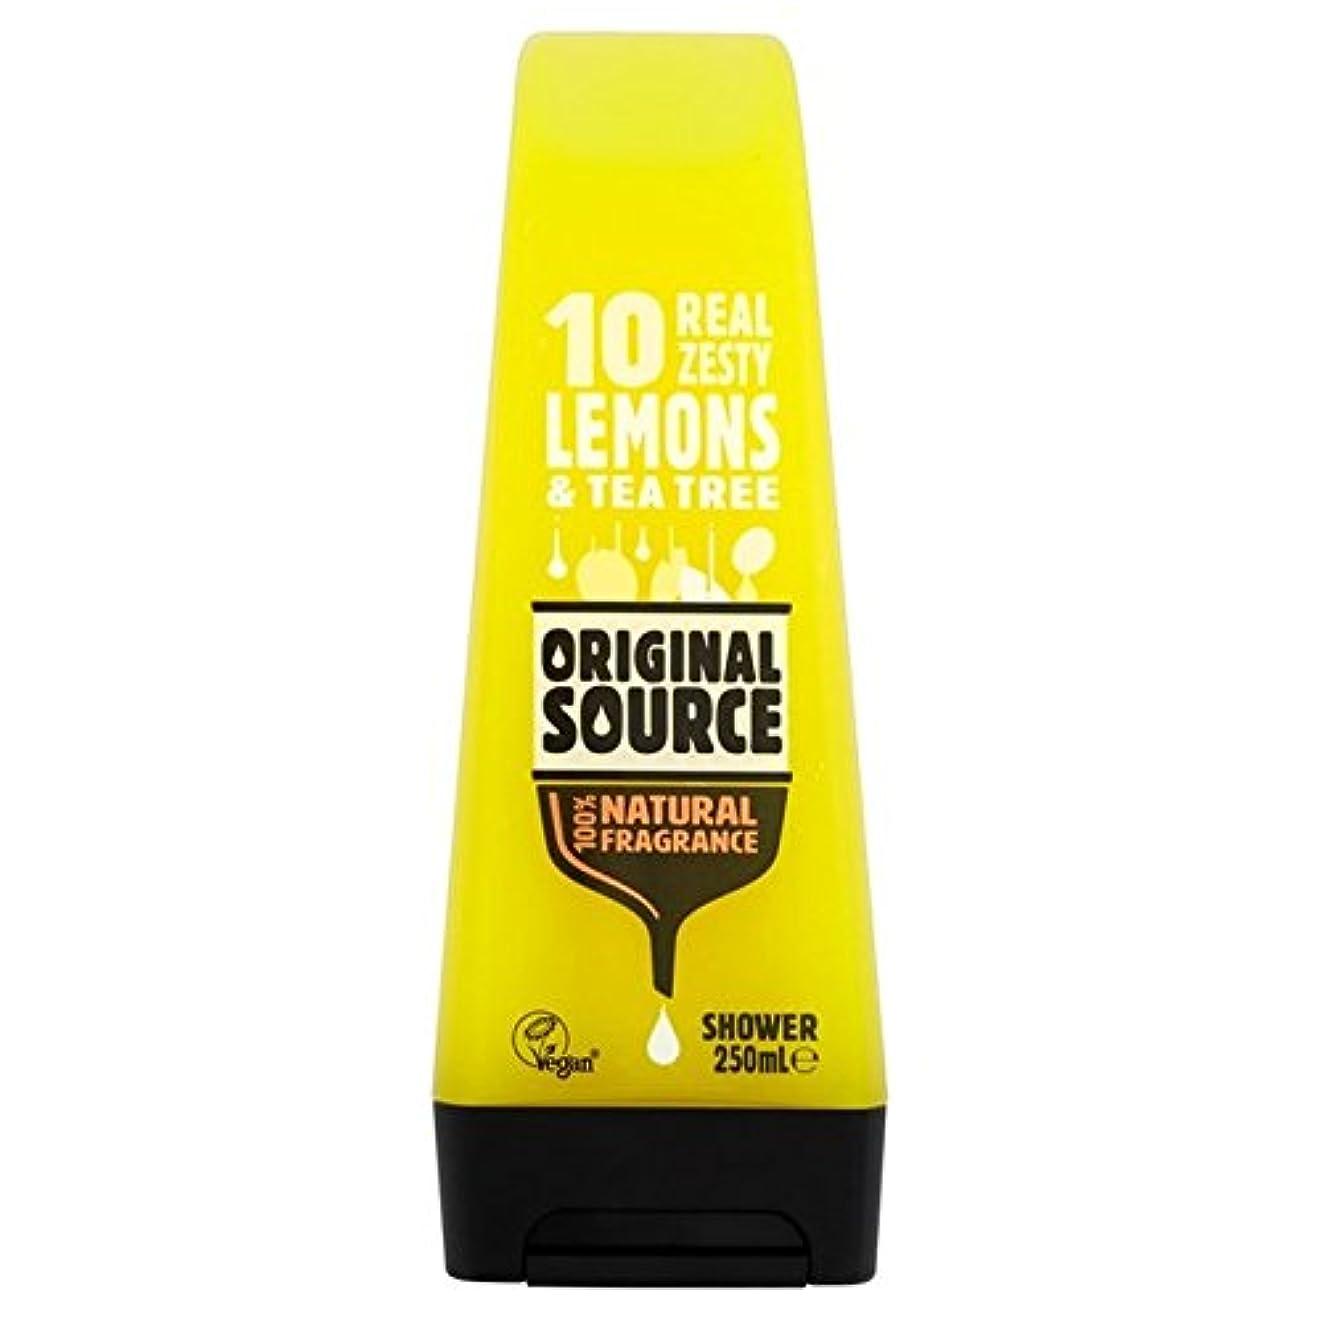 副詞完全に乾く防衛元のソースのレモンシャワージェル250ミリリットル x2 - Original Source Lemon Shower Gel 250ml (Pack of 2) [並行輸入品]